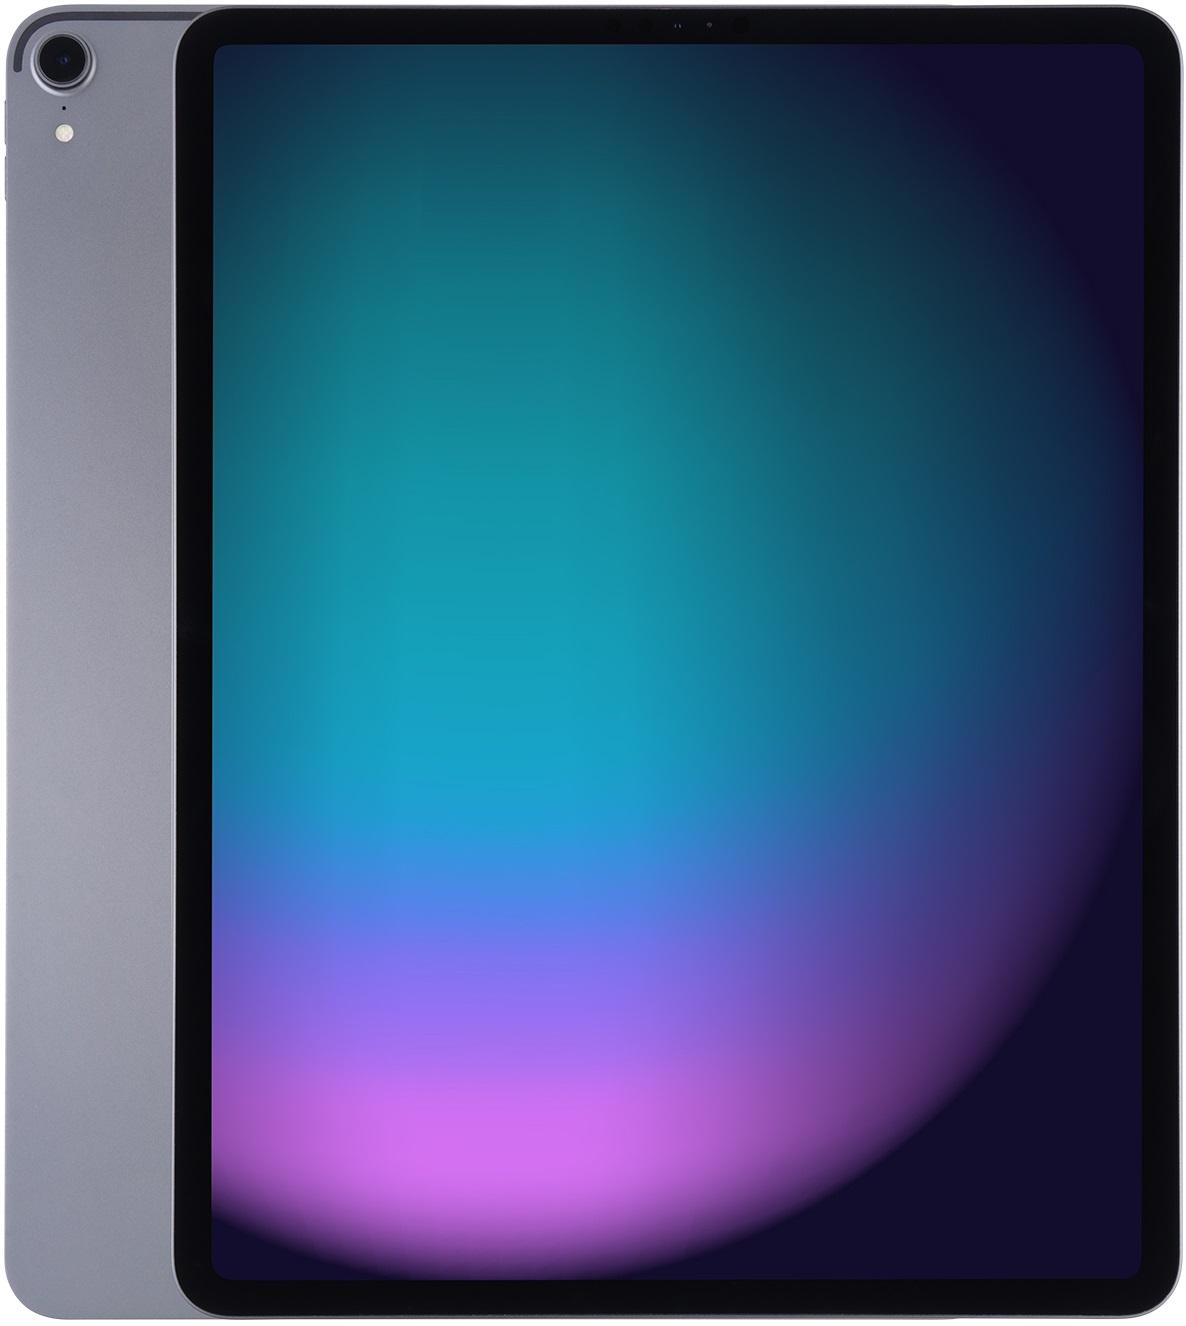 apple ipad pro 12,9 256gb [wi-fi + cellulare, modello 2018] space grigio